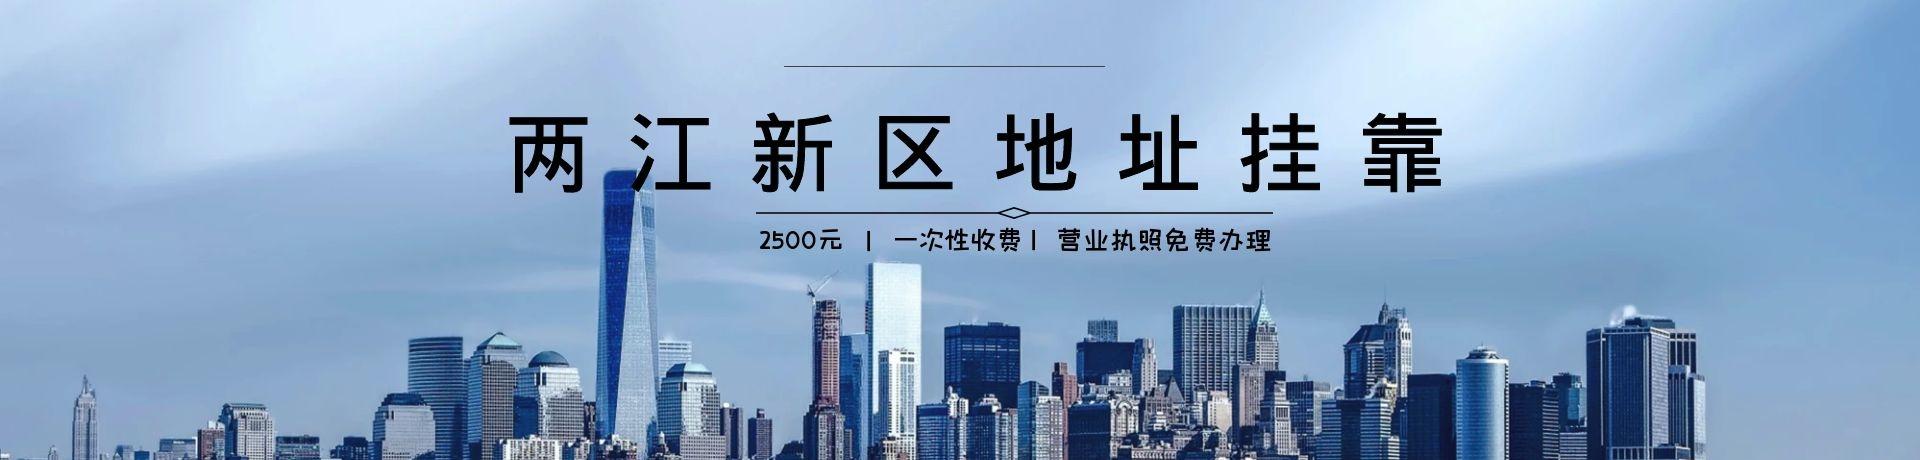 两江集群创业创新中心